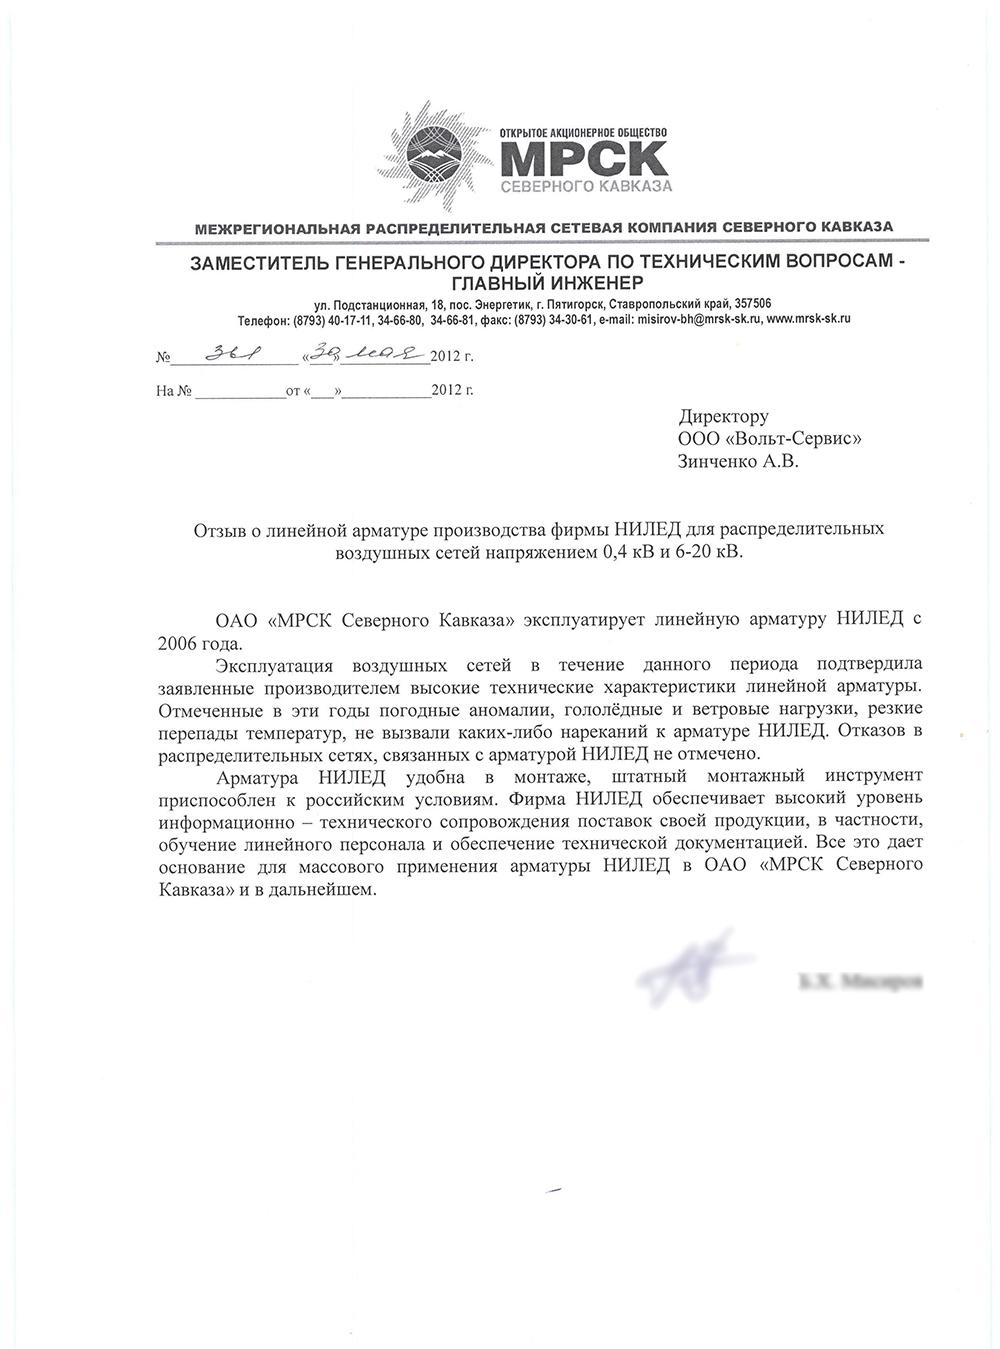 Благодарность МРСК Северного Кавказа